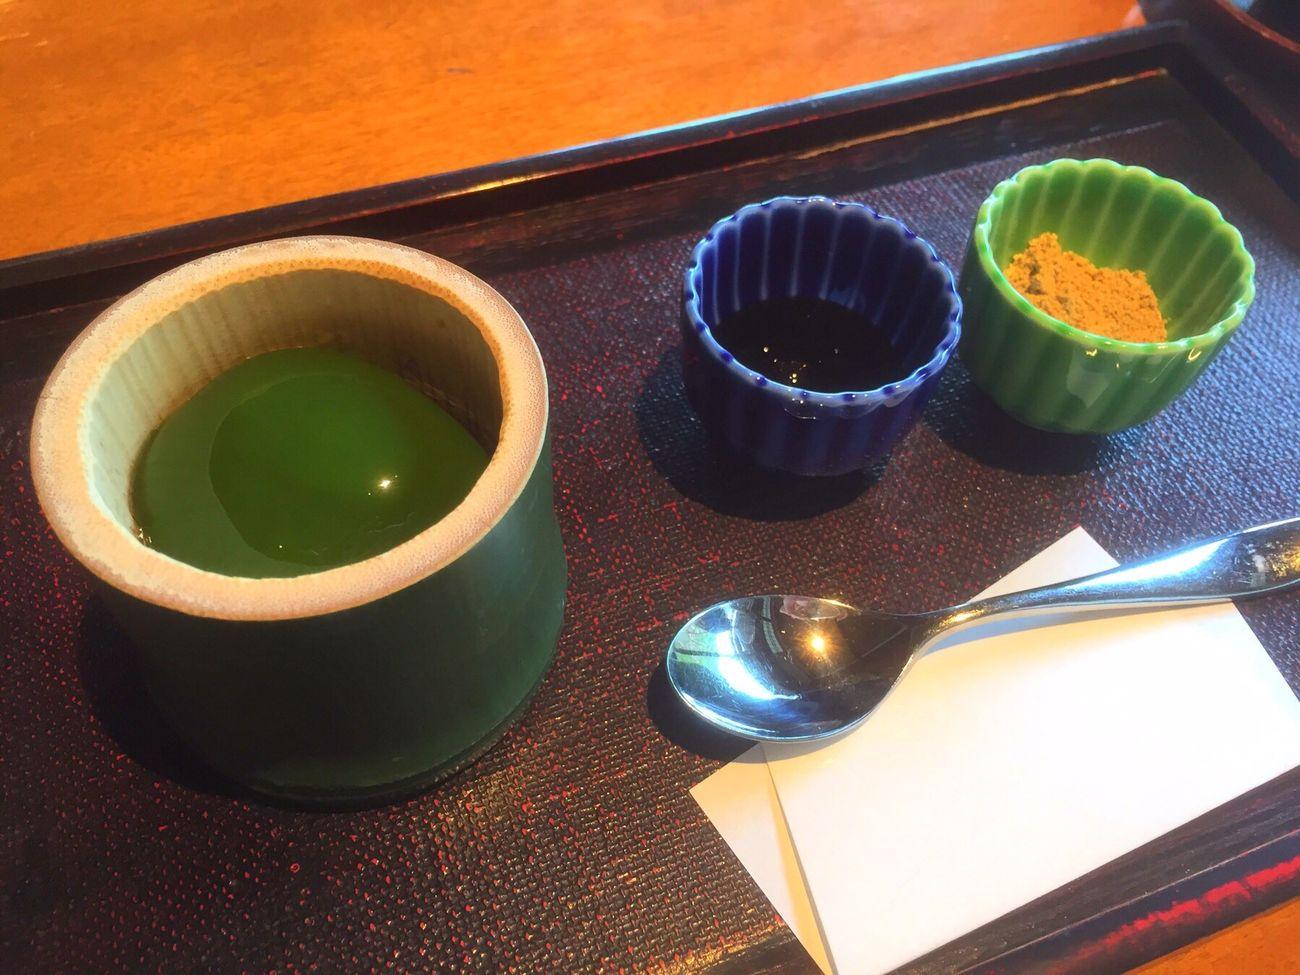 茶寮 八翠で食べた翡翠もち😋 in 嵐山 Japan Kyoto Arashiyama Matcha Greentea Ricecake Yammy!!  Sweets IPhoneography Japan Photography